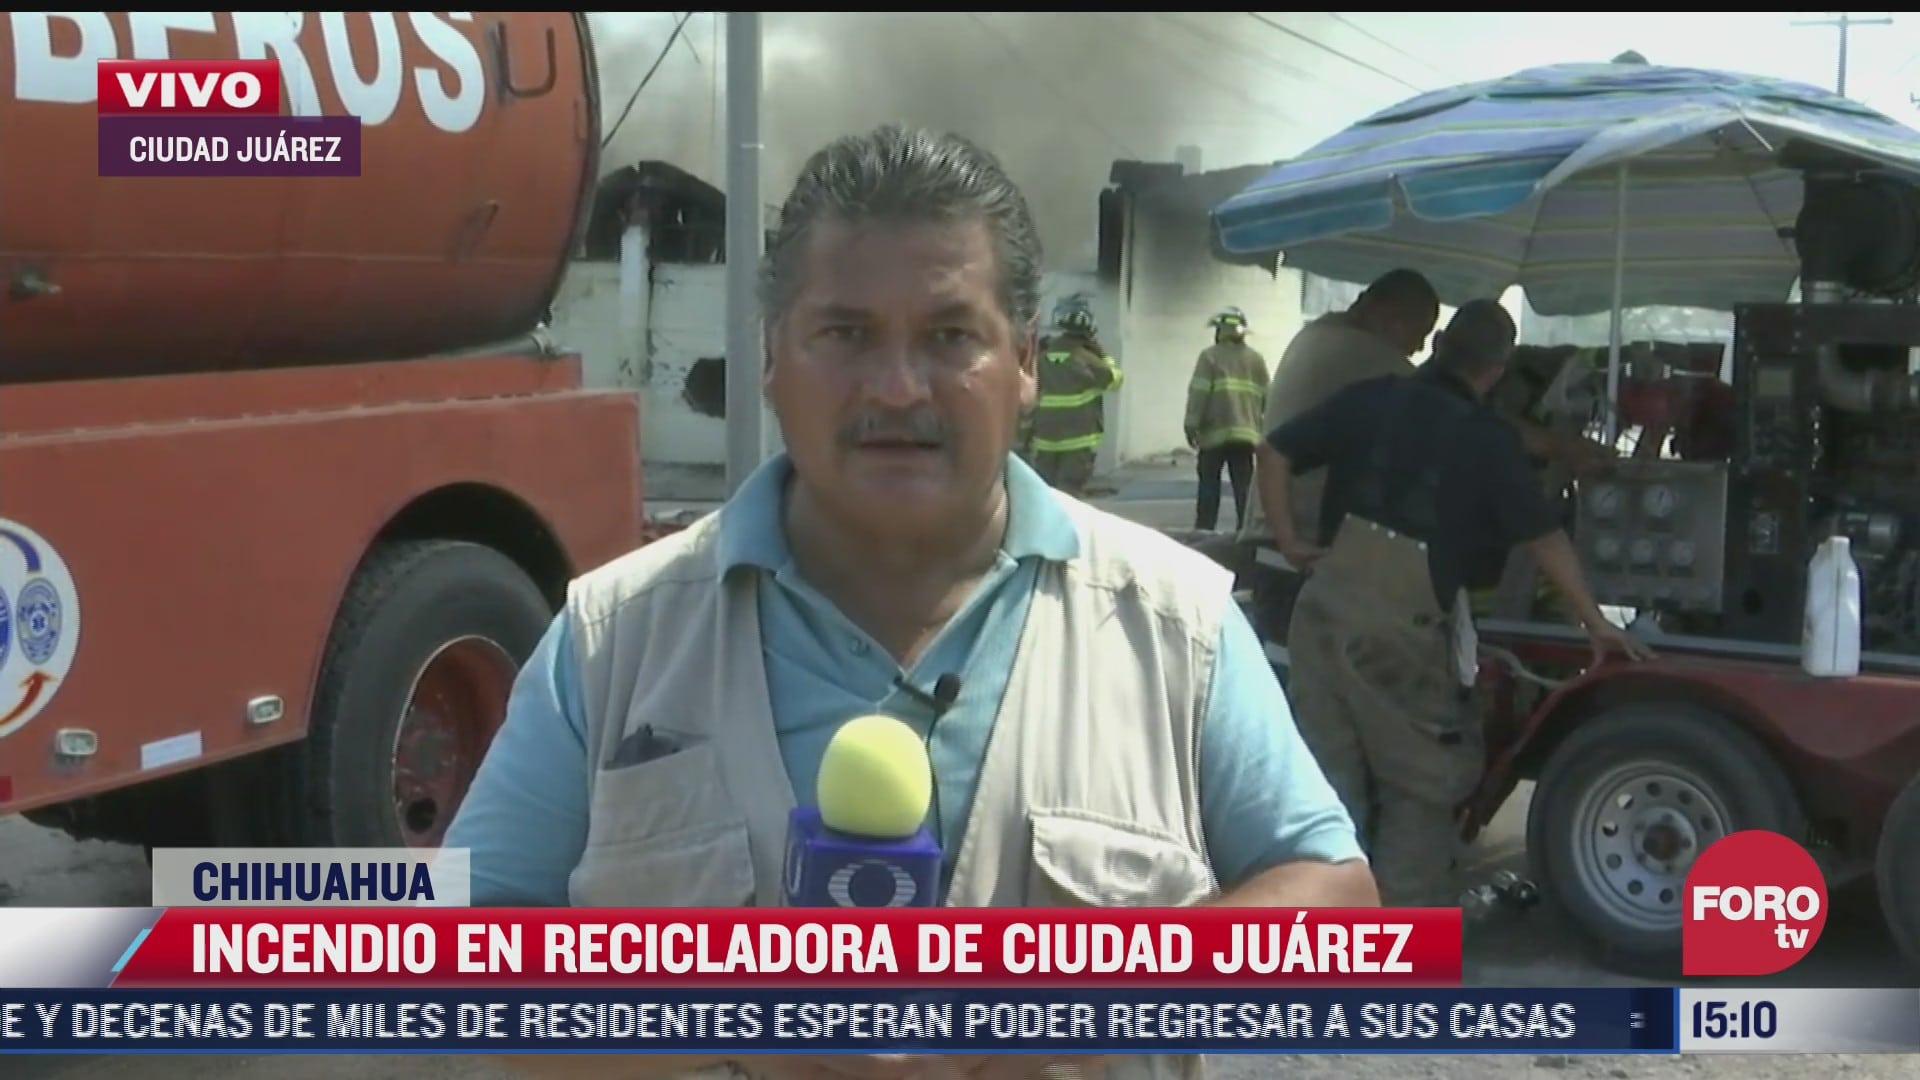 se registra incendio en empresa recicladora de ciudad juarez